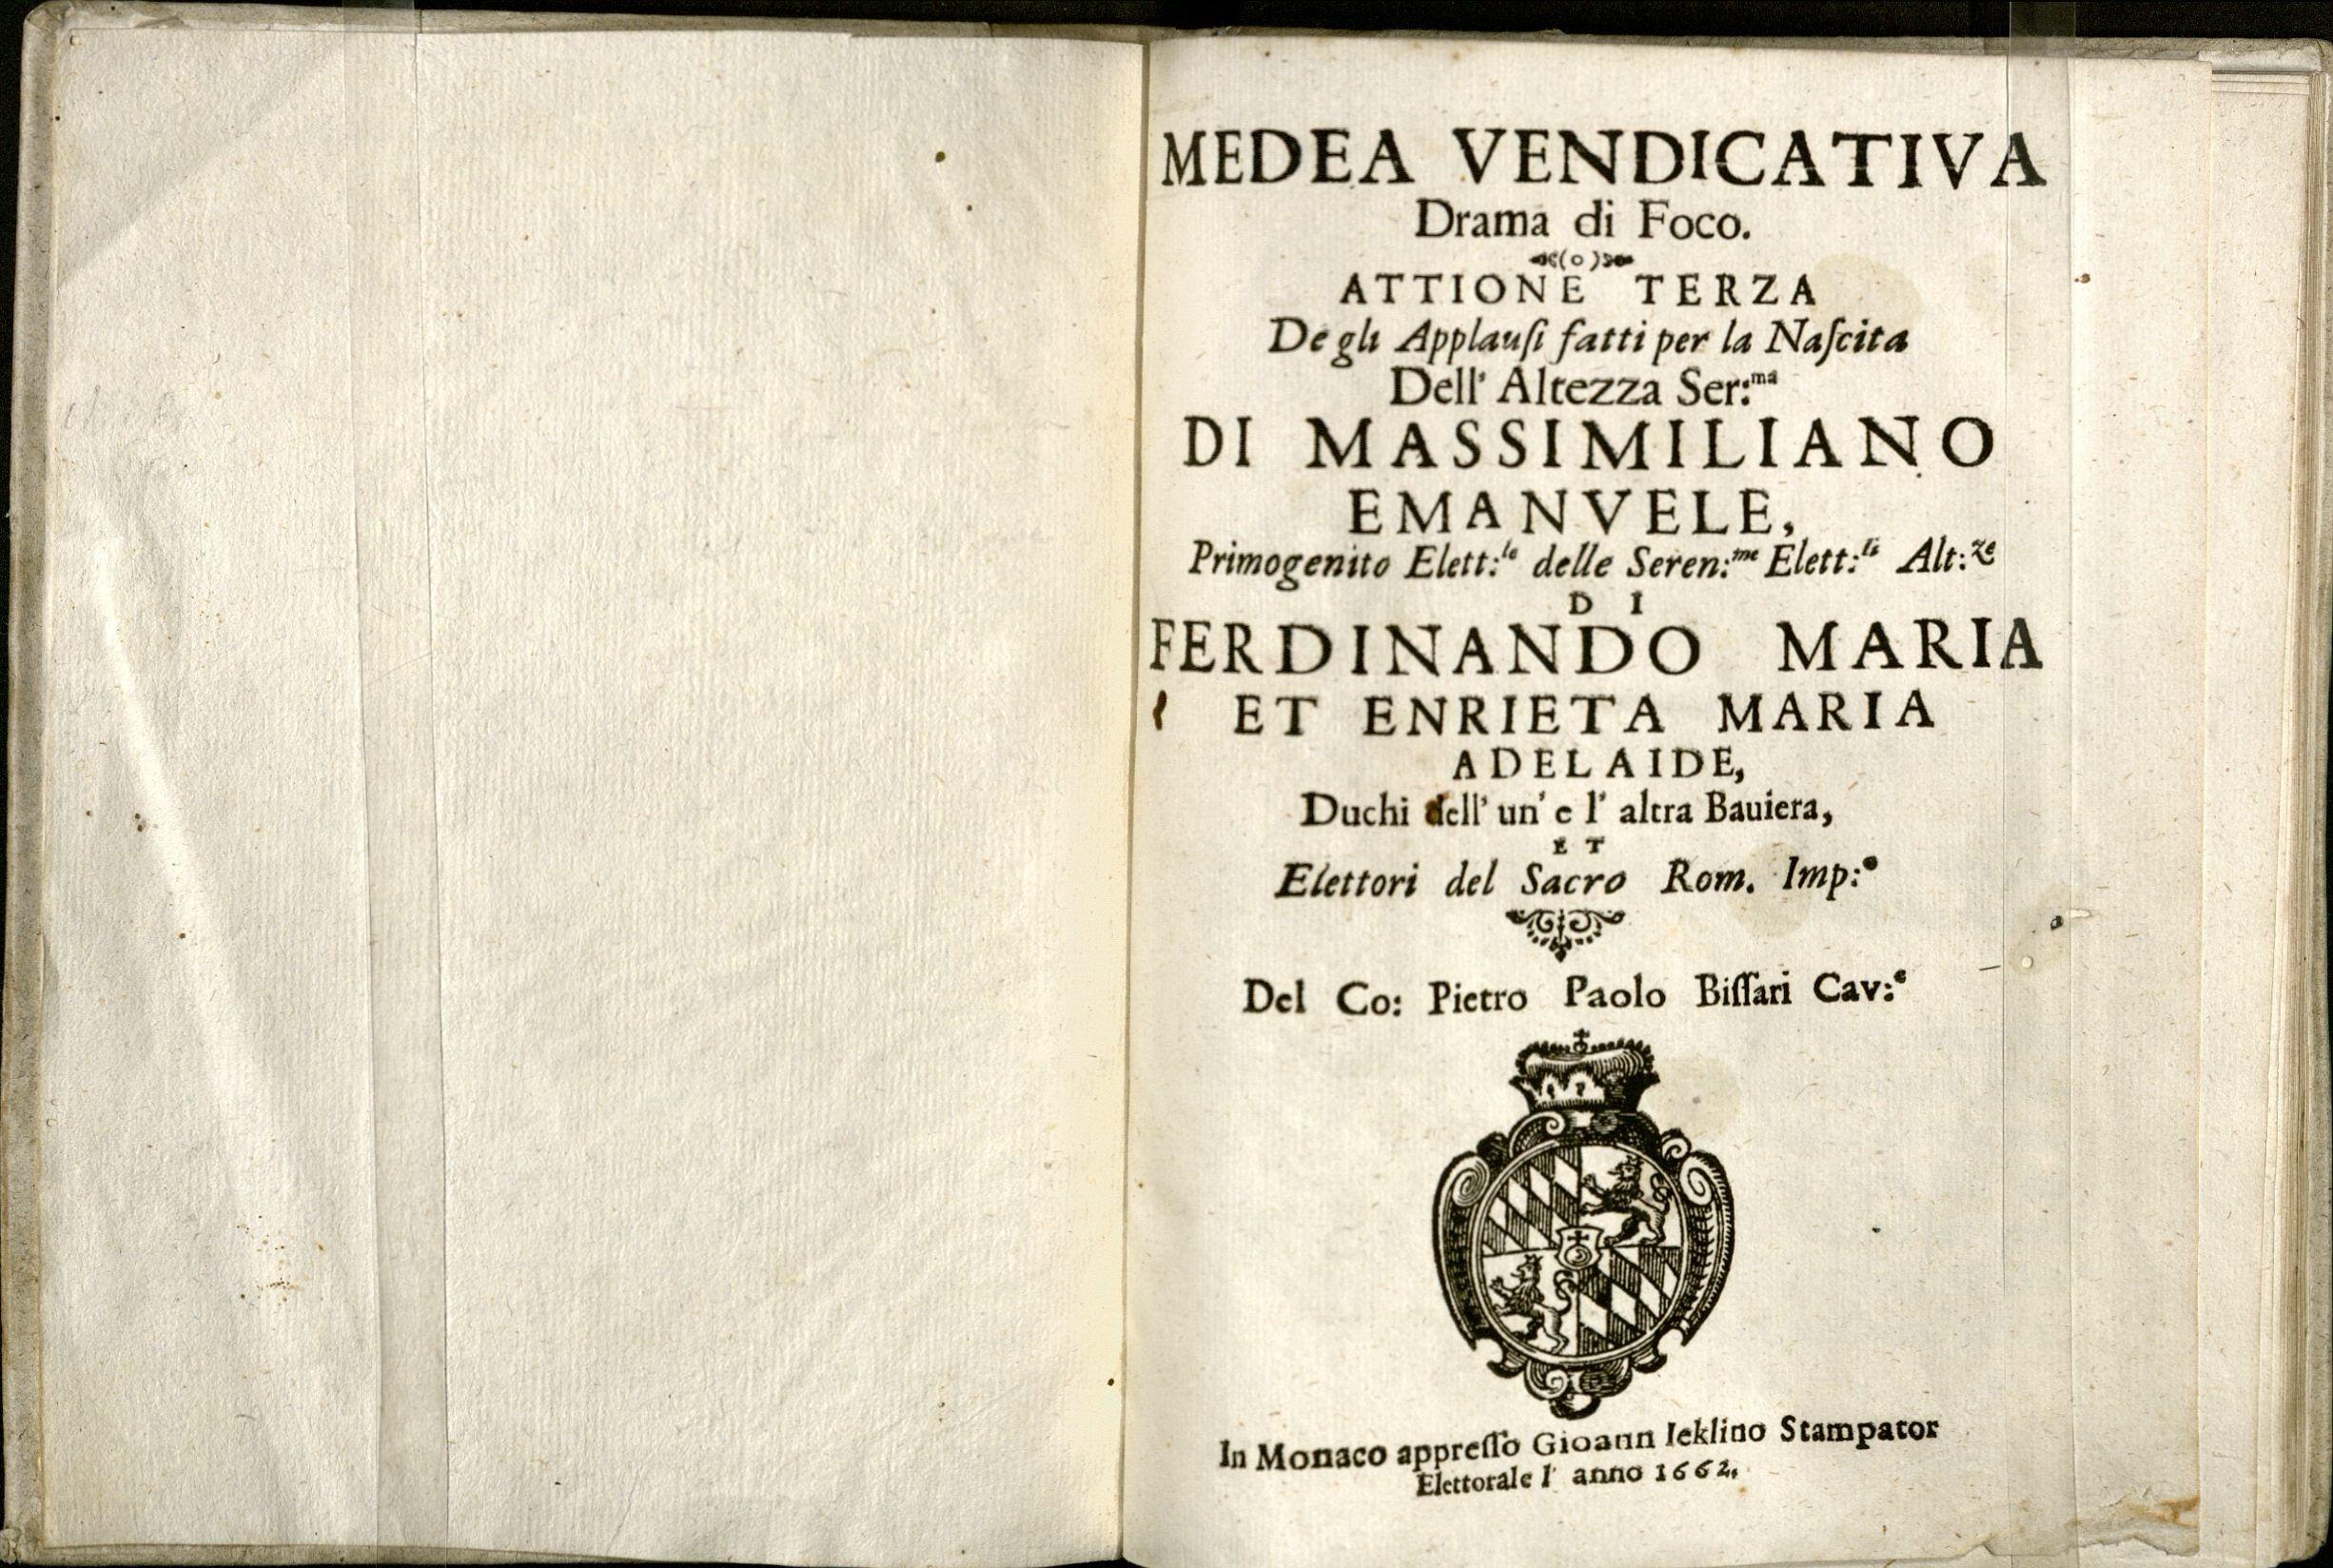 Bissari, Pietro Paolo, conte, active 1640-1660, librettist. Medea vendicativa, 1662. Title page. TS 8420.77 1662